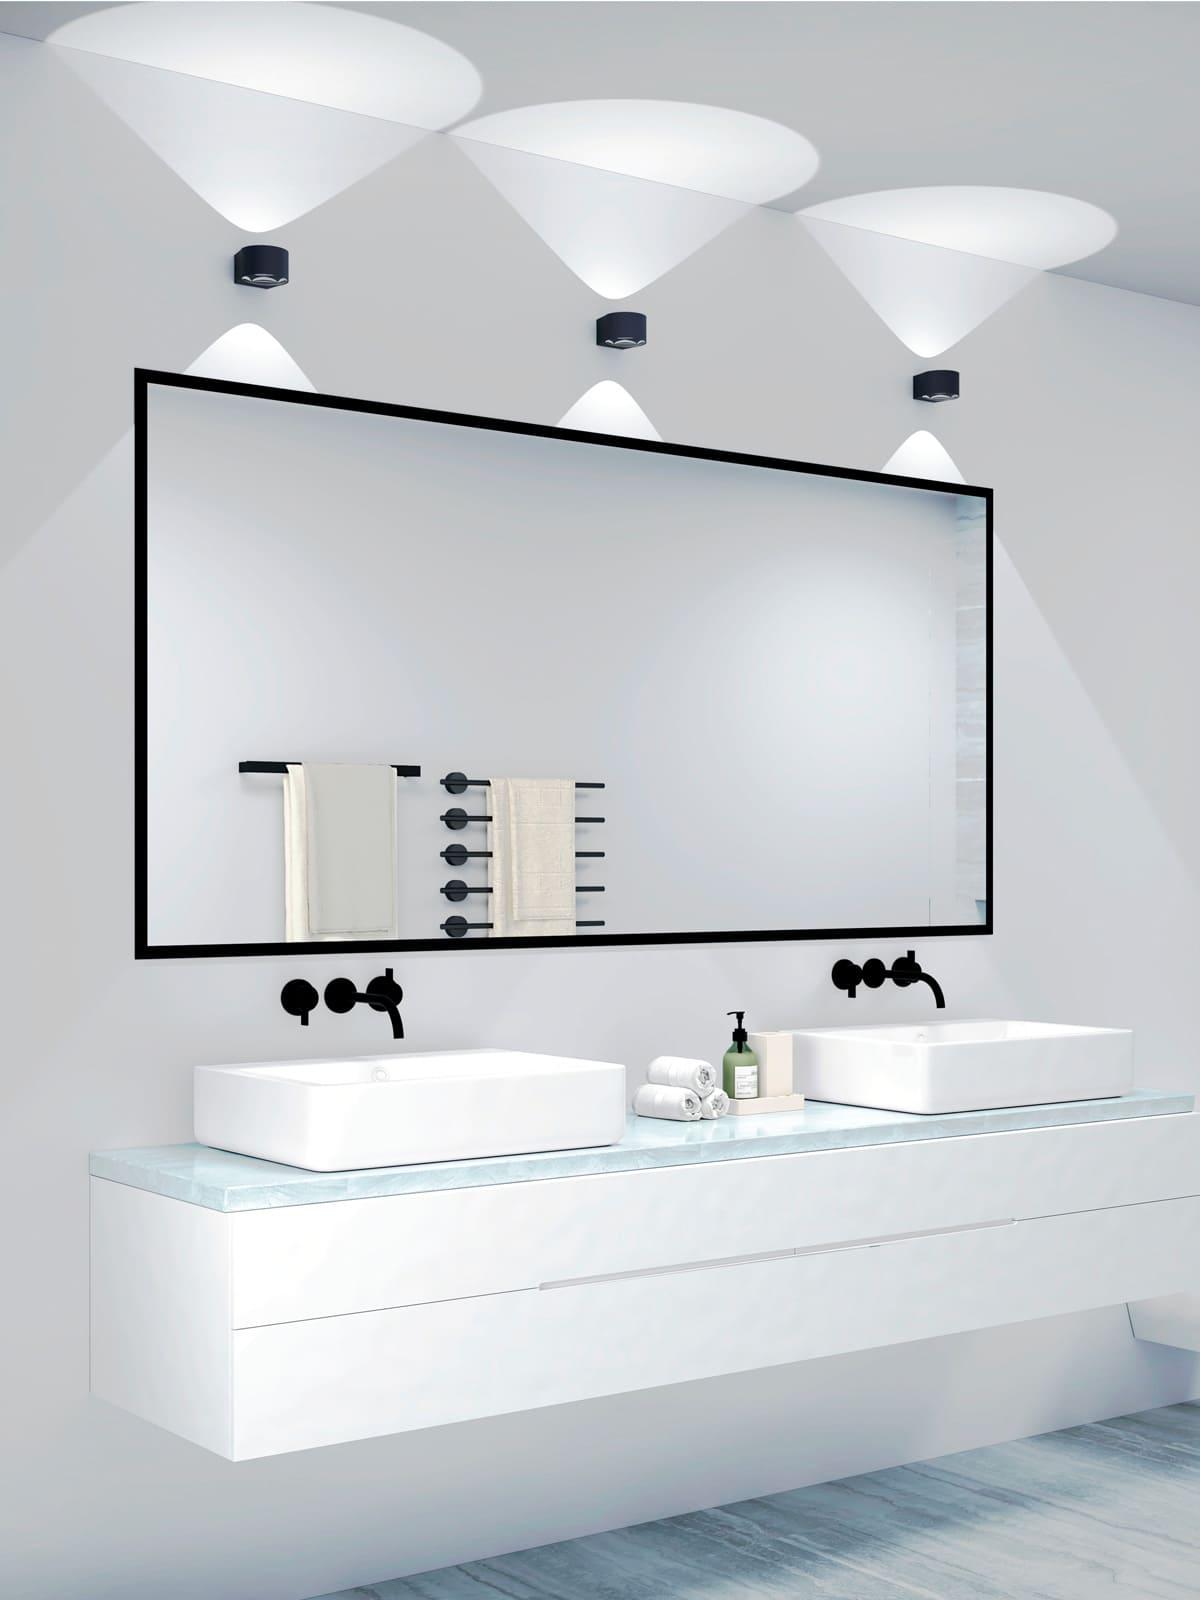 Lampenblog: Lampen und Leuchten von LOOM Design FREY Wandlampen über Spiegel